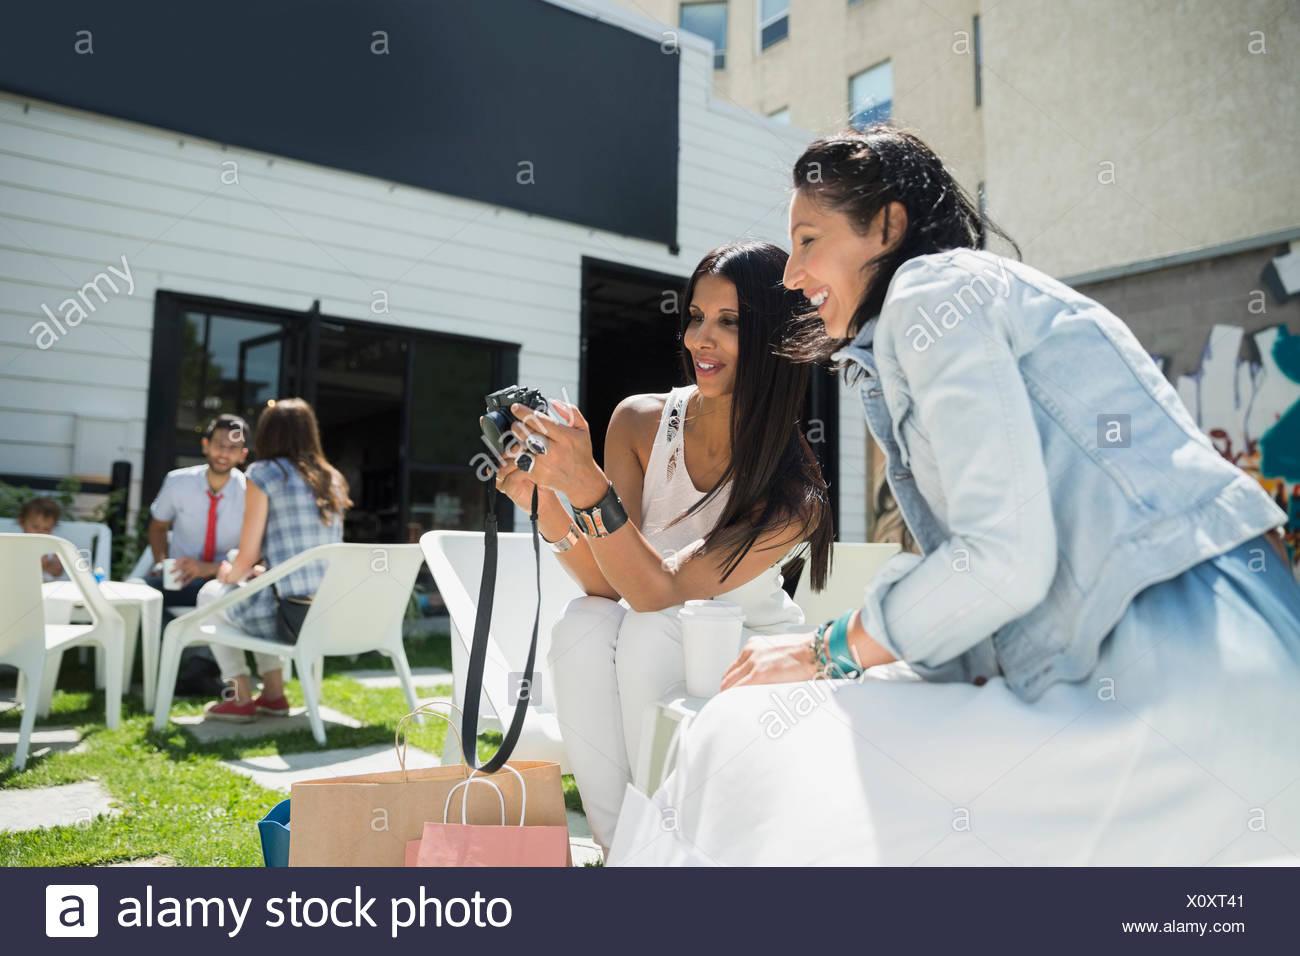 Les femmes de l'affichage de photos sur l'appareil photo numérique photo ensoleillée Photo Stock